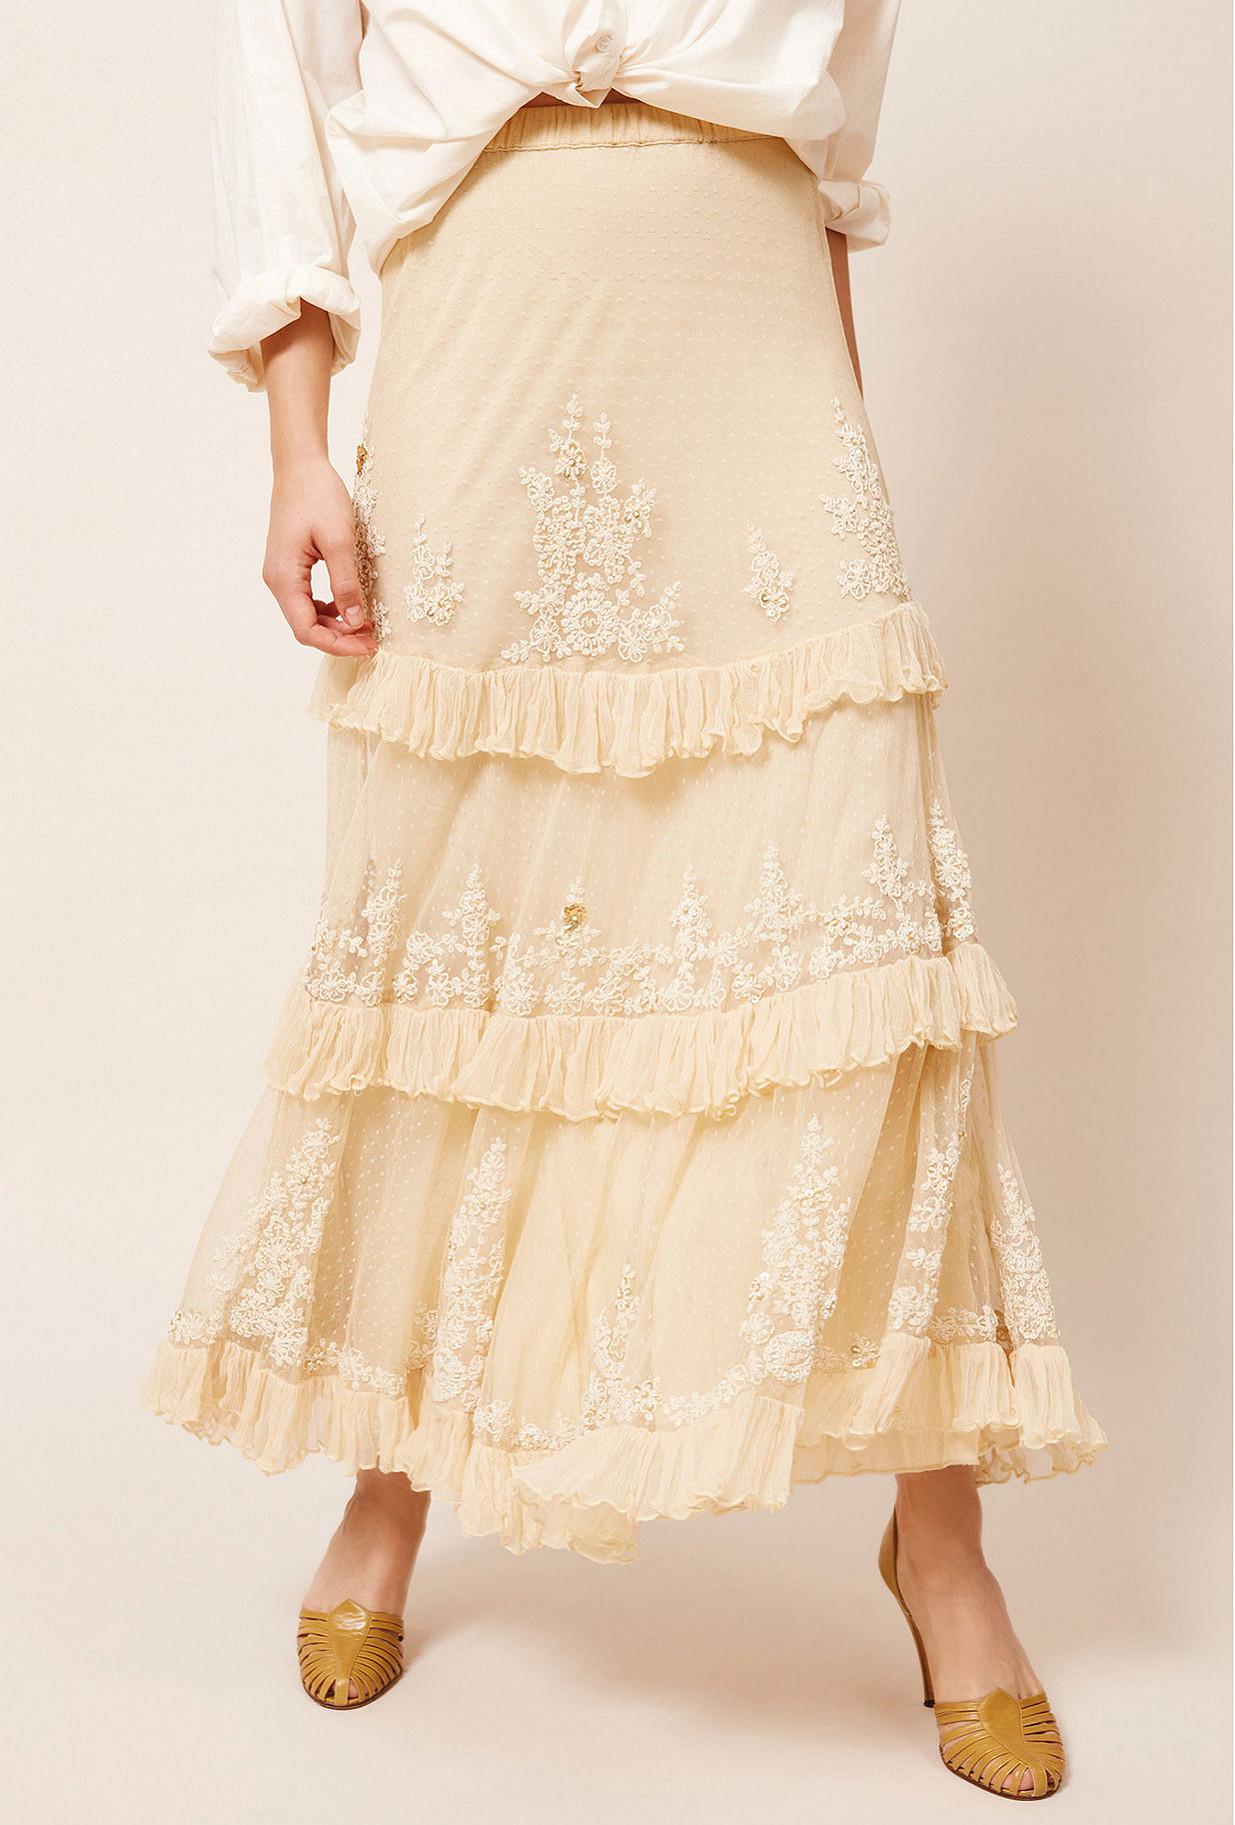 Paris clothes store Skirt Beyonce french designer fashion Paris